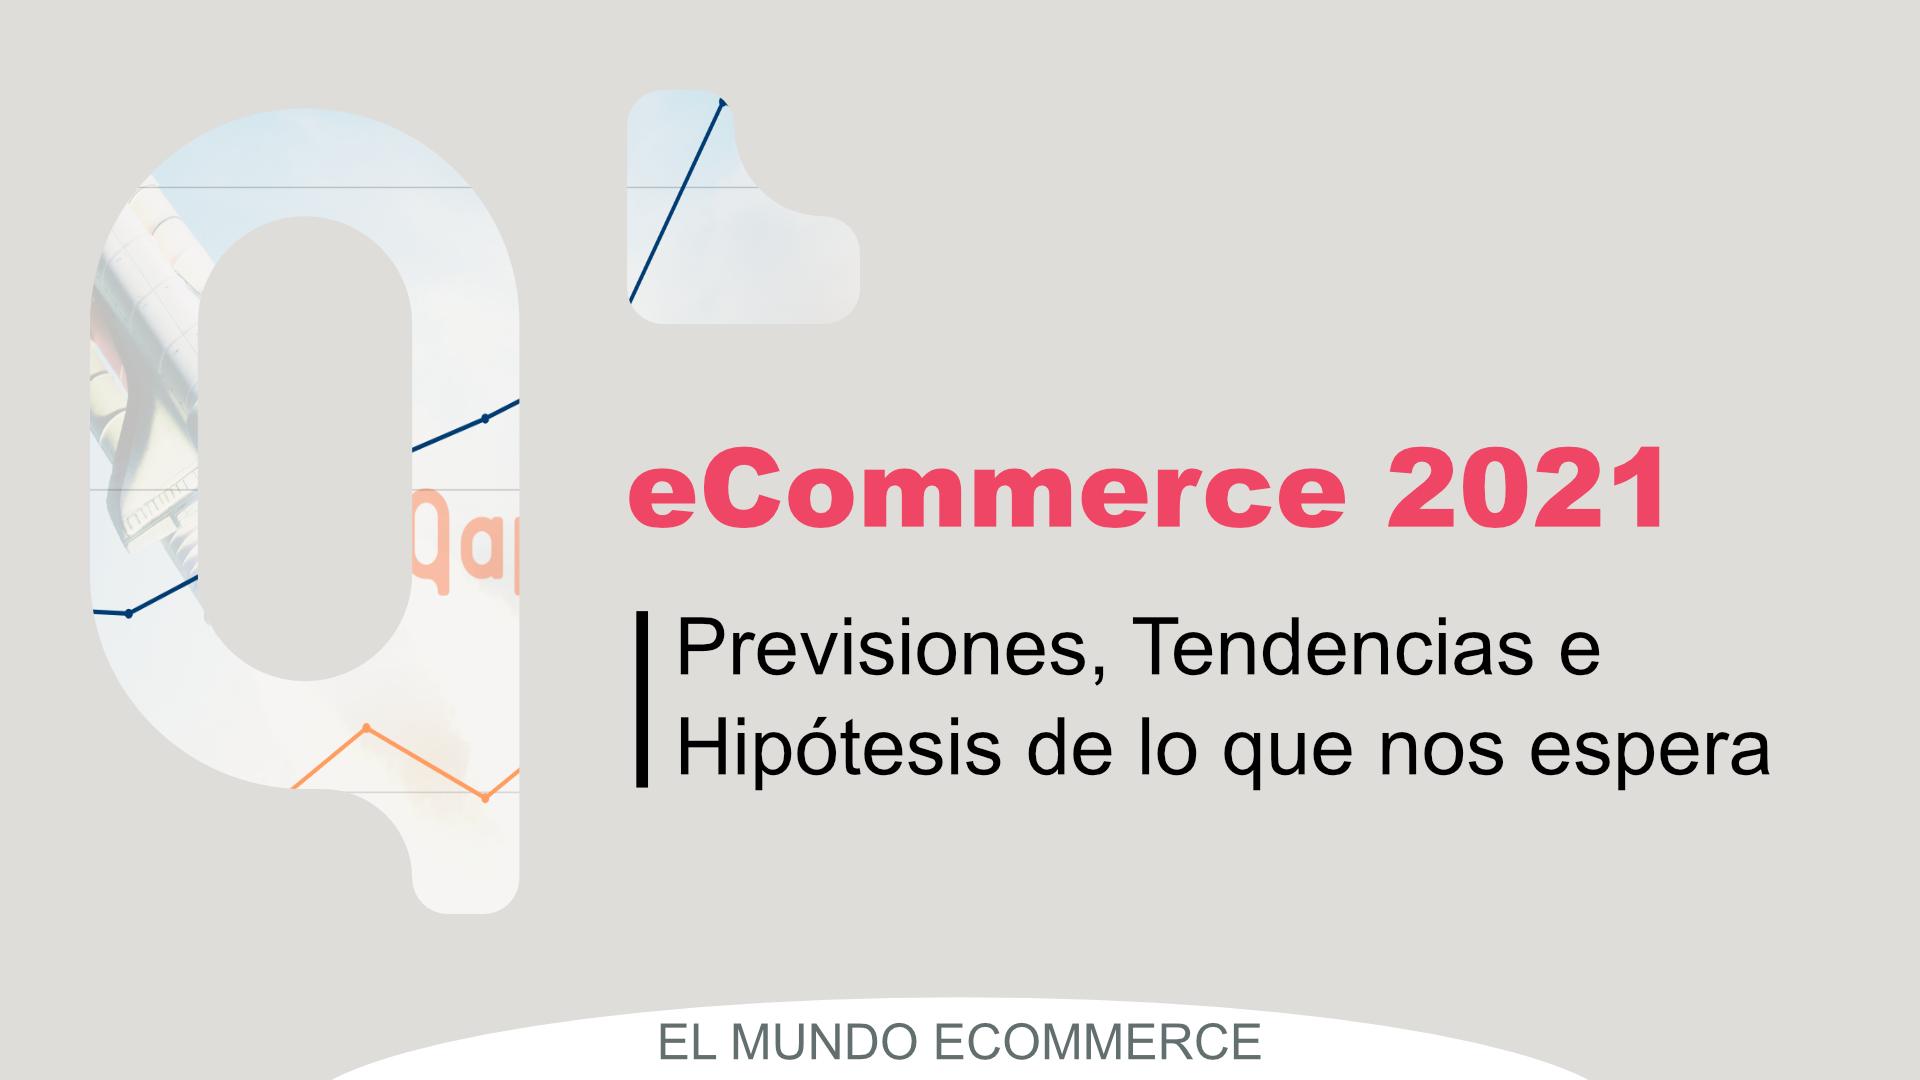 ecommerce 2021 tendencias